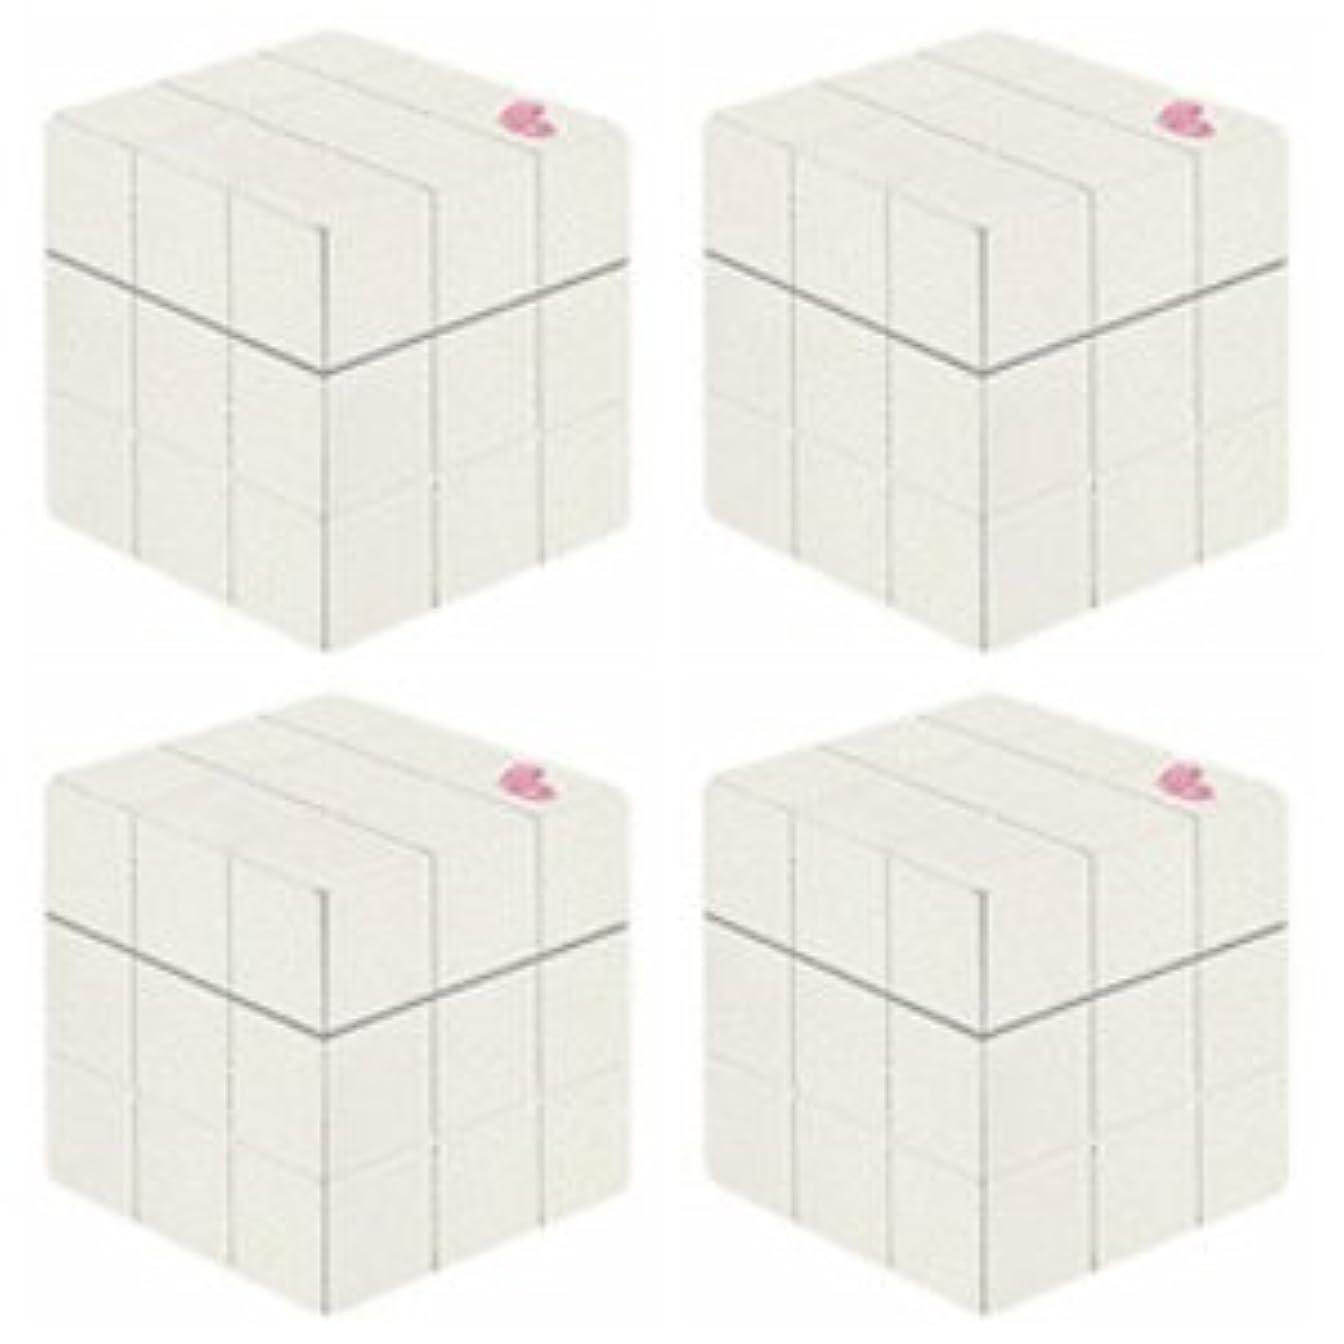 湿度ペルソナバリー【X4個セット】 アリミノ ピース プロデザインシリーズ グロスワックス ホワイト 80g ARIMINO